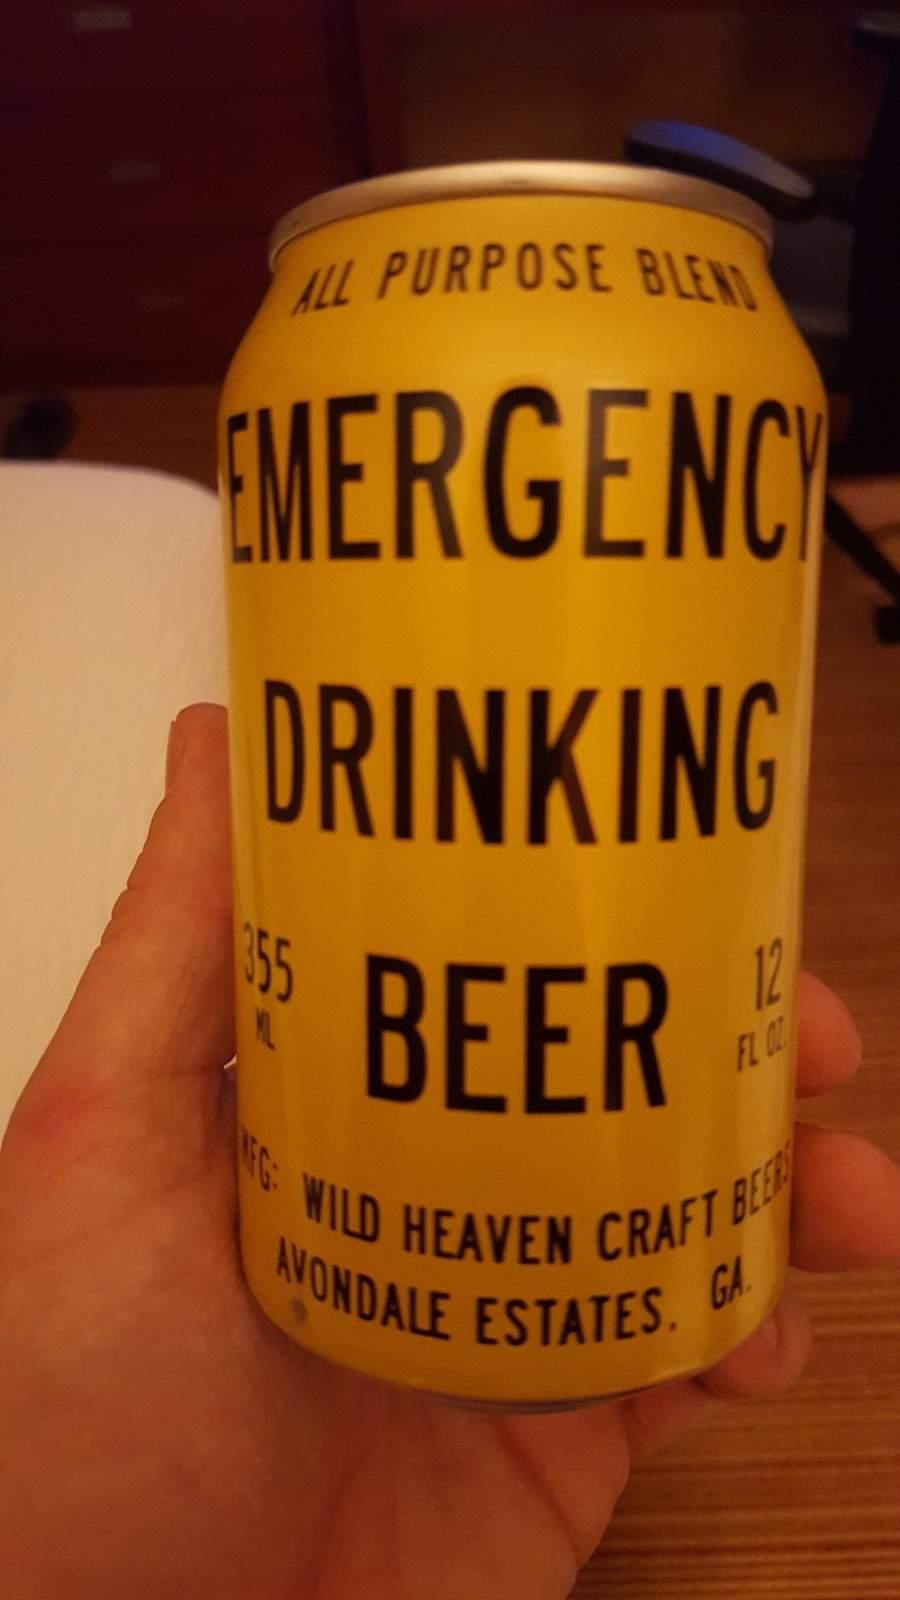 Emergency beer.jpg